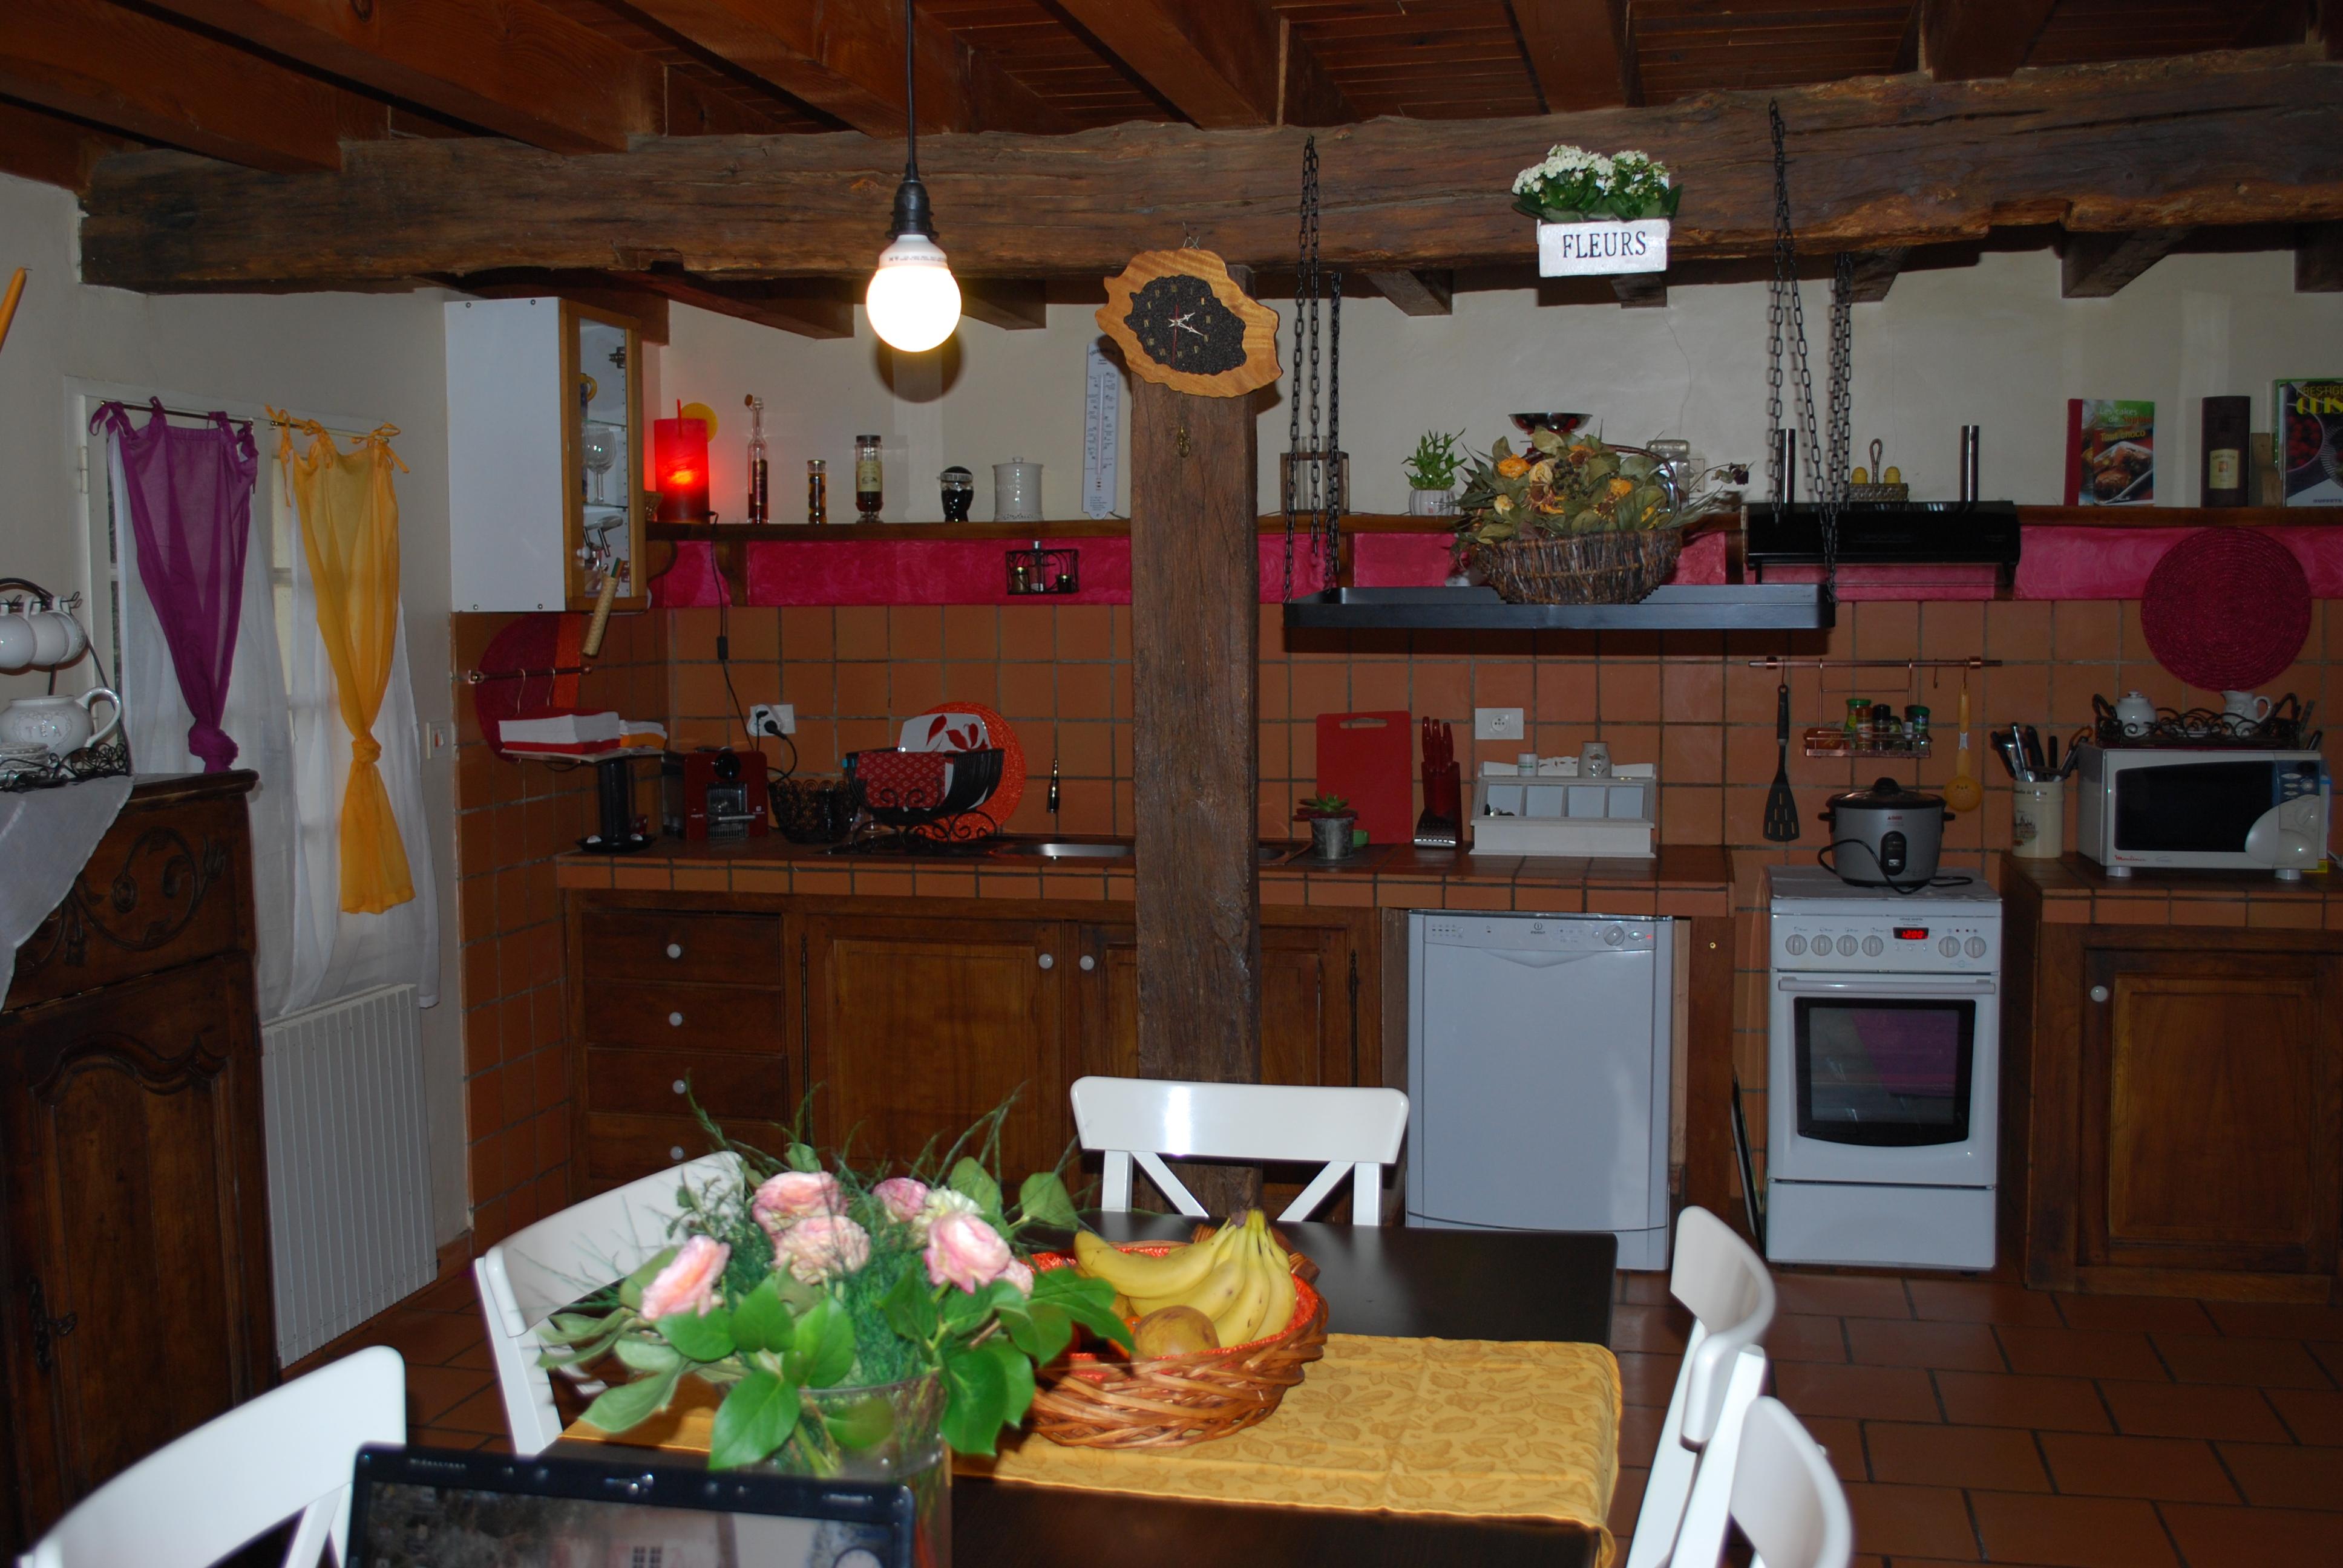 deco dans une maison ancienne mes decos interieures. Black Bedroom Furniture Sets. Home Design Ideas